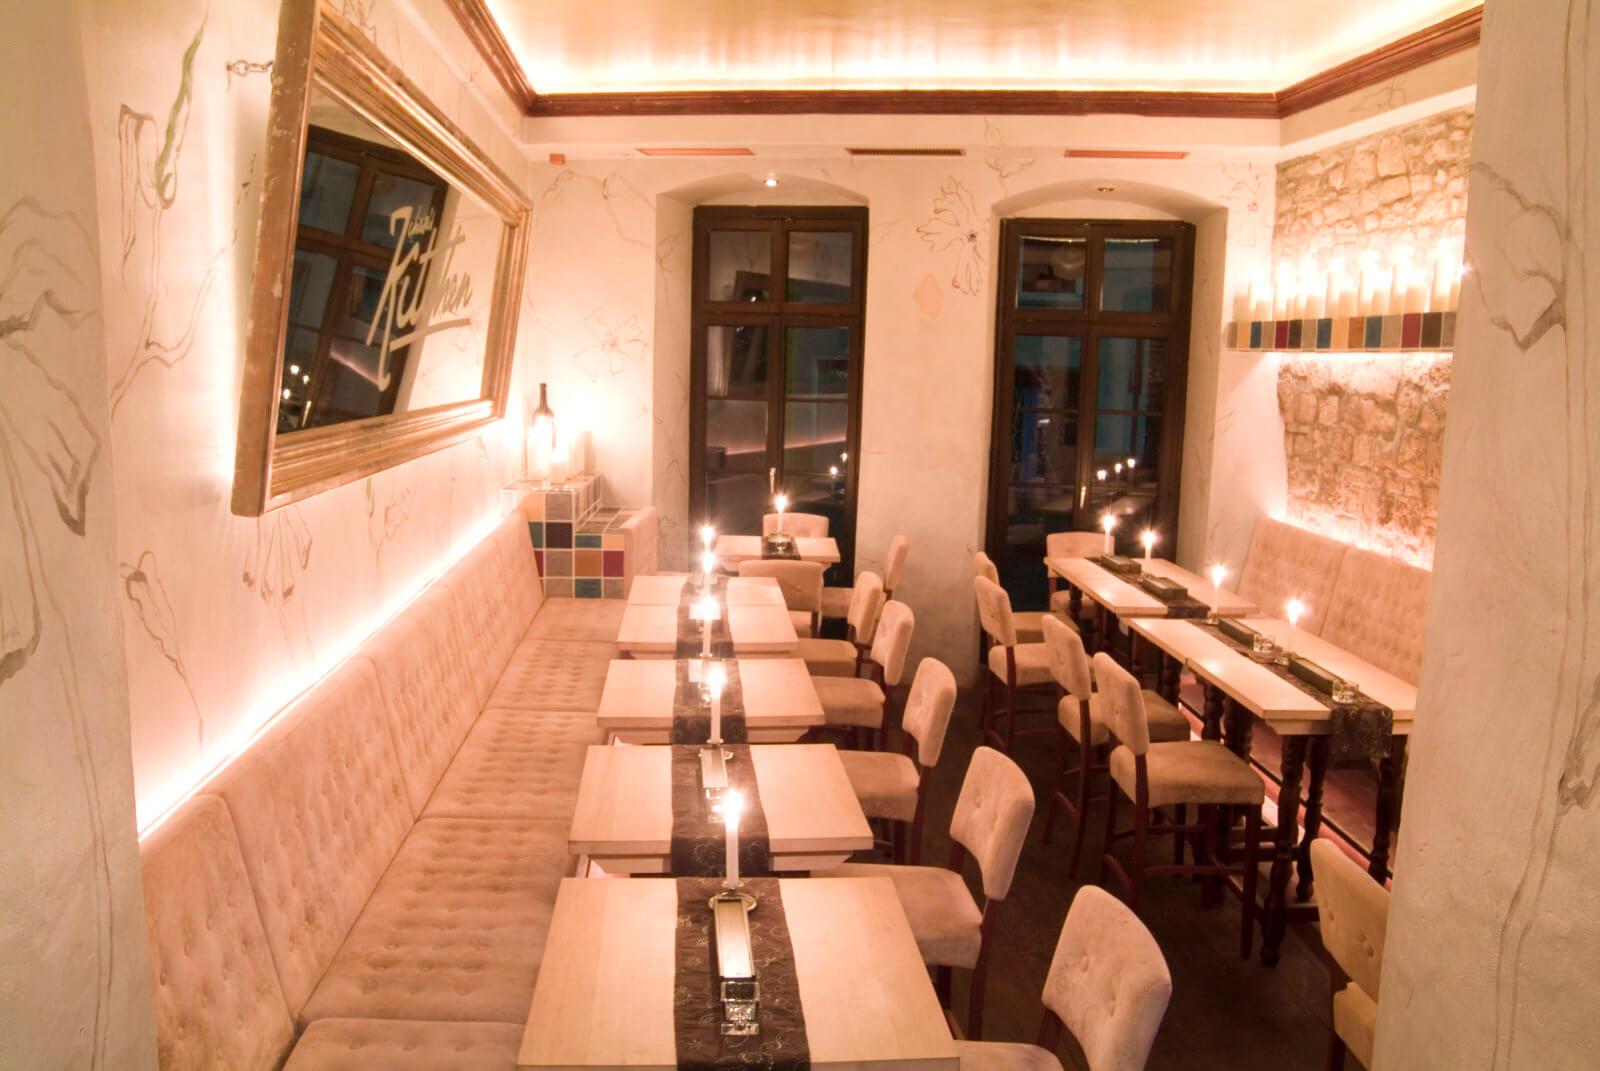 Restaurant Innenansicht Tische